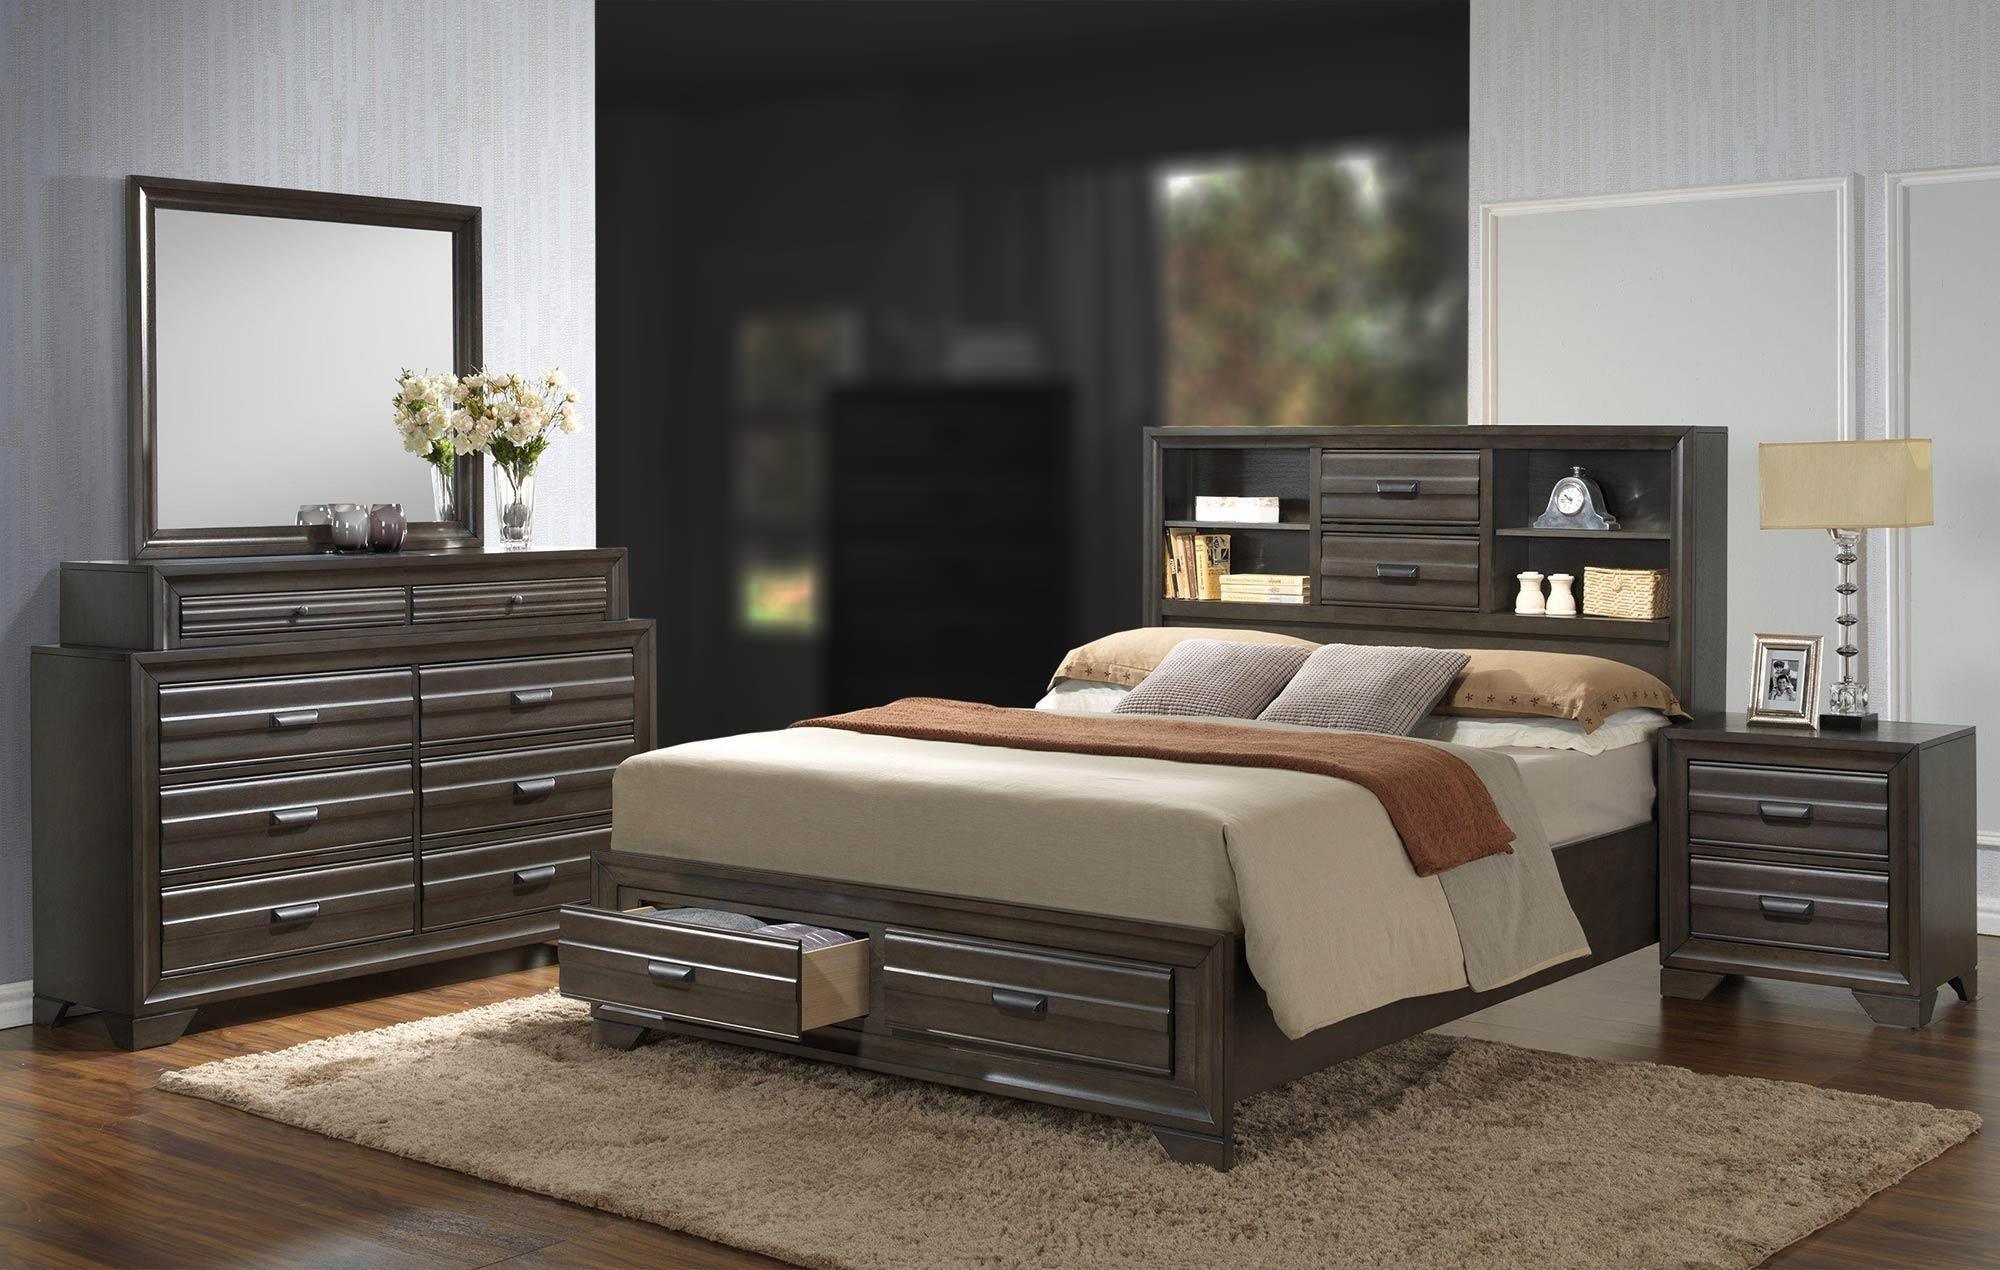 Lifestyle Slater  4PC King Bedroom Set - Item Number: 5236A-4PC-KSBR